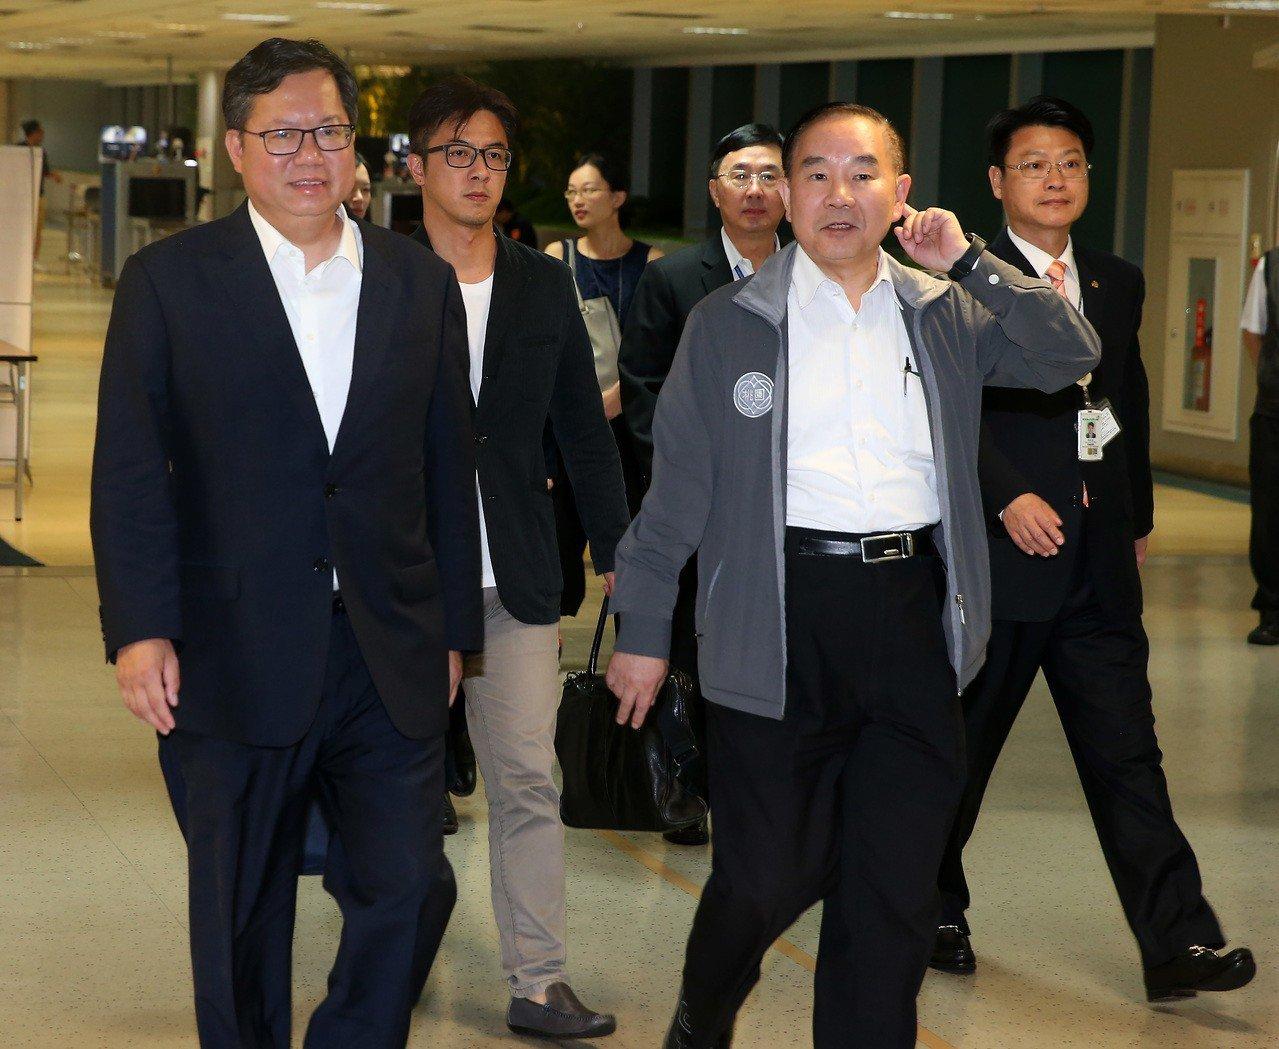 桃園市長鄭文燦(左)結束11天訪美行程,17日清晨搭乘長榮航空公司班機返抵桃園機...